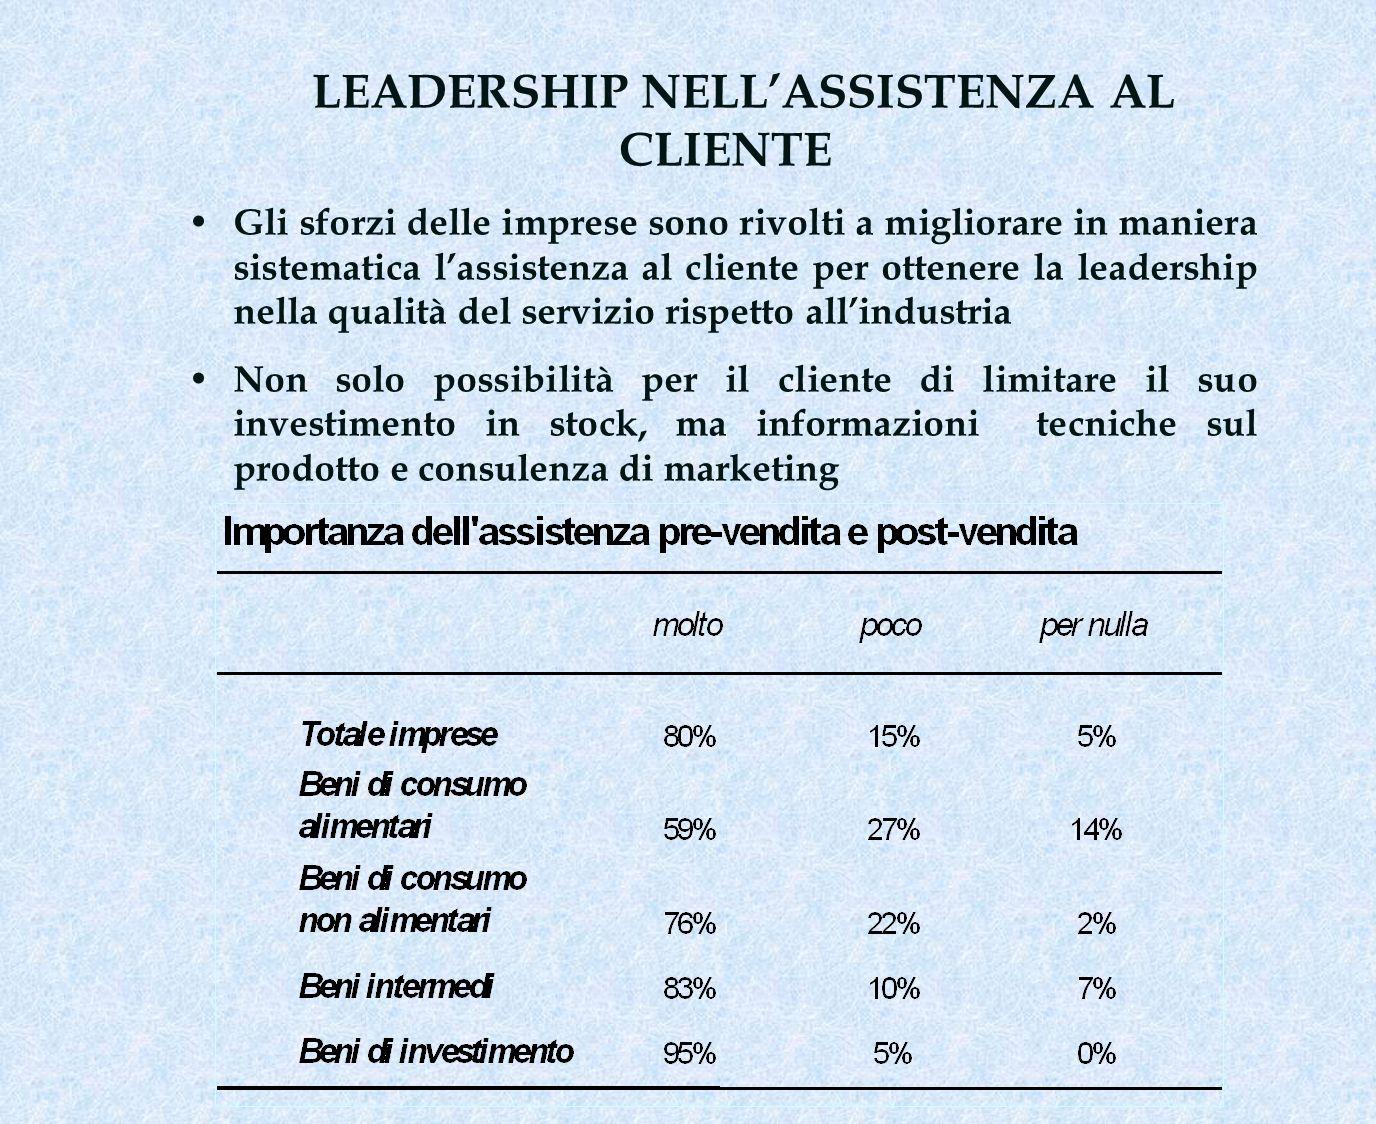 LEADERSHIP NELLASSISTENZA AL CLIENTE Gli sforzi delle imprese sono rivolti a migliorare in maniera sistematica lassistenza al cliente per ottenere la